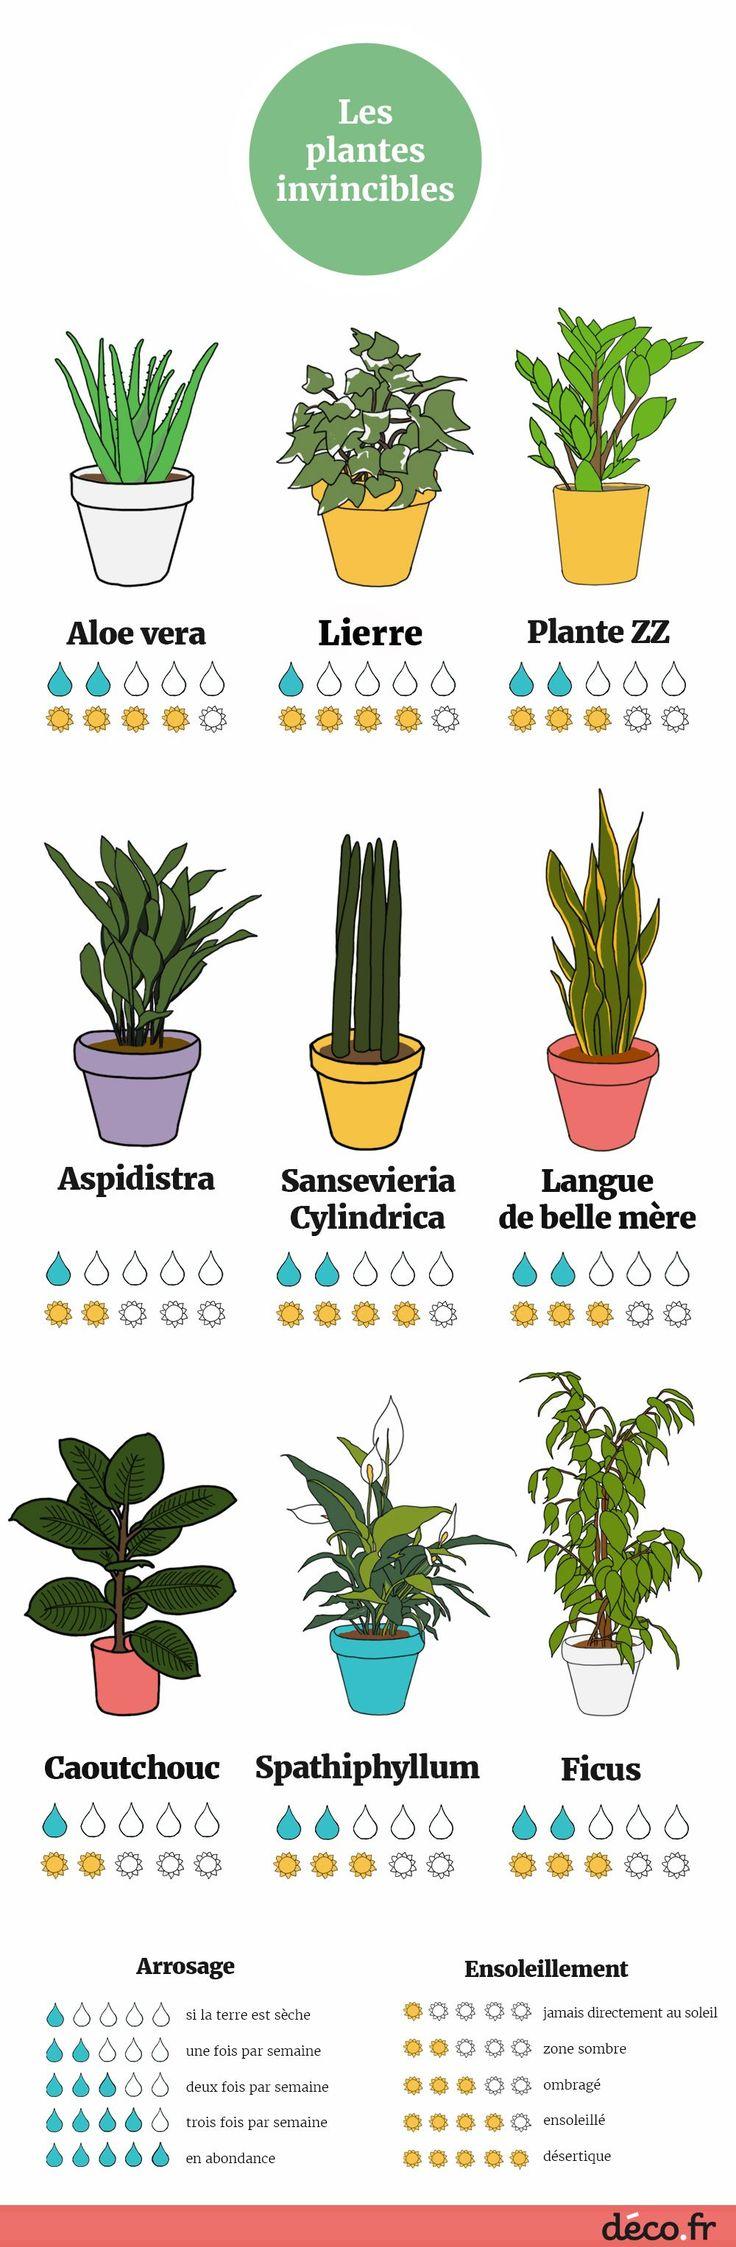 Infographie : les 9 plantes increvables.... Bon à connaître